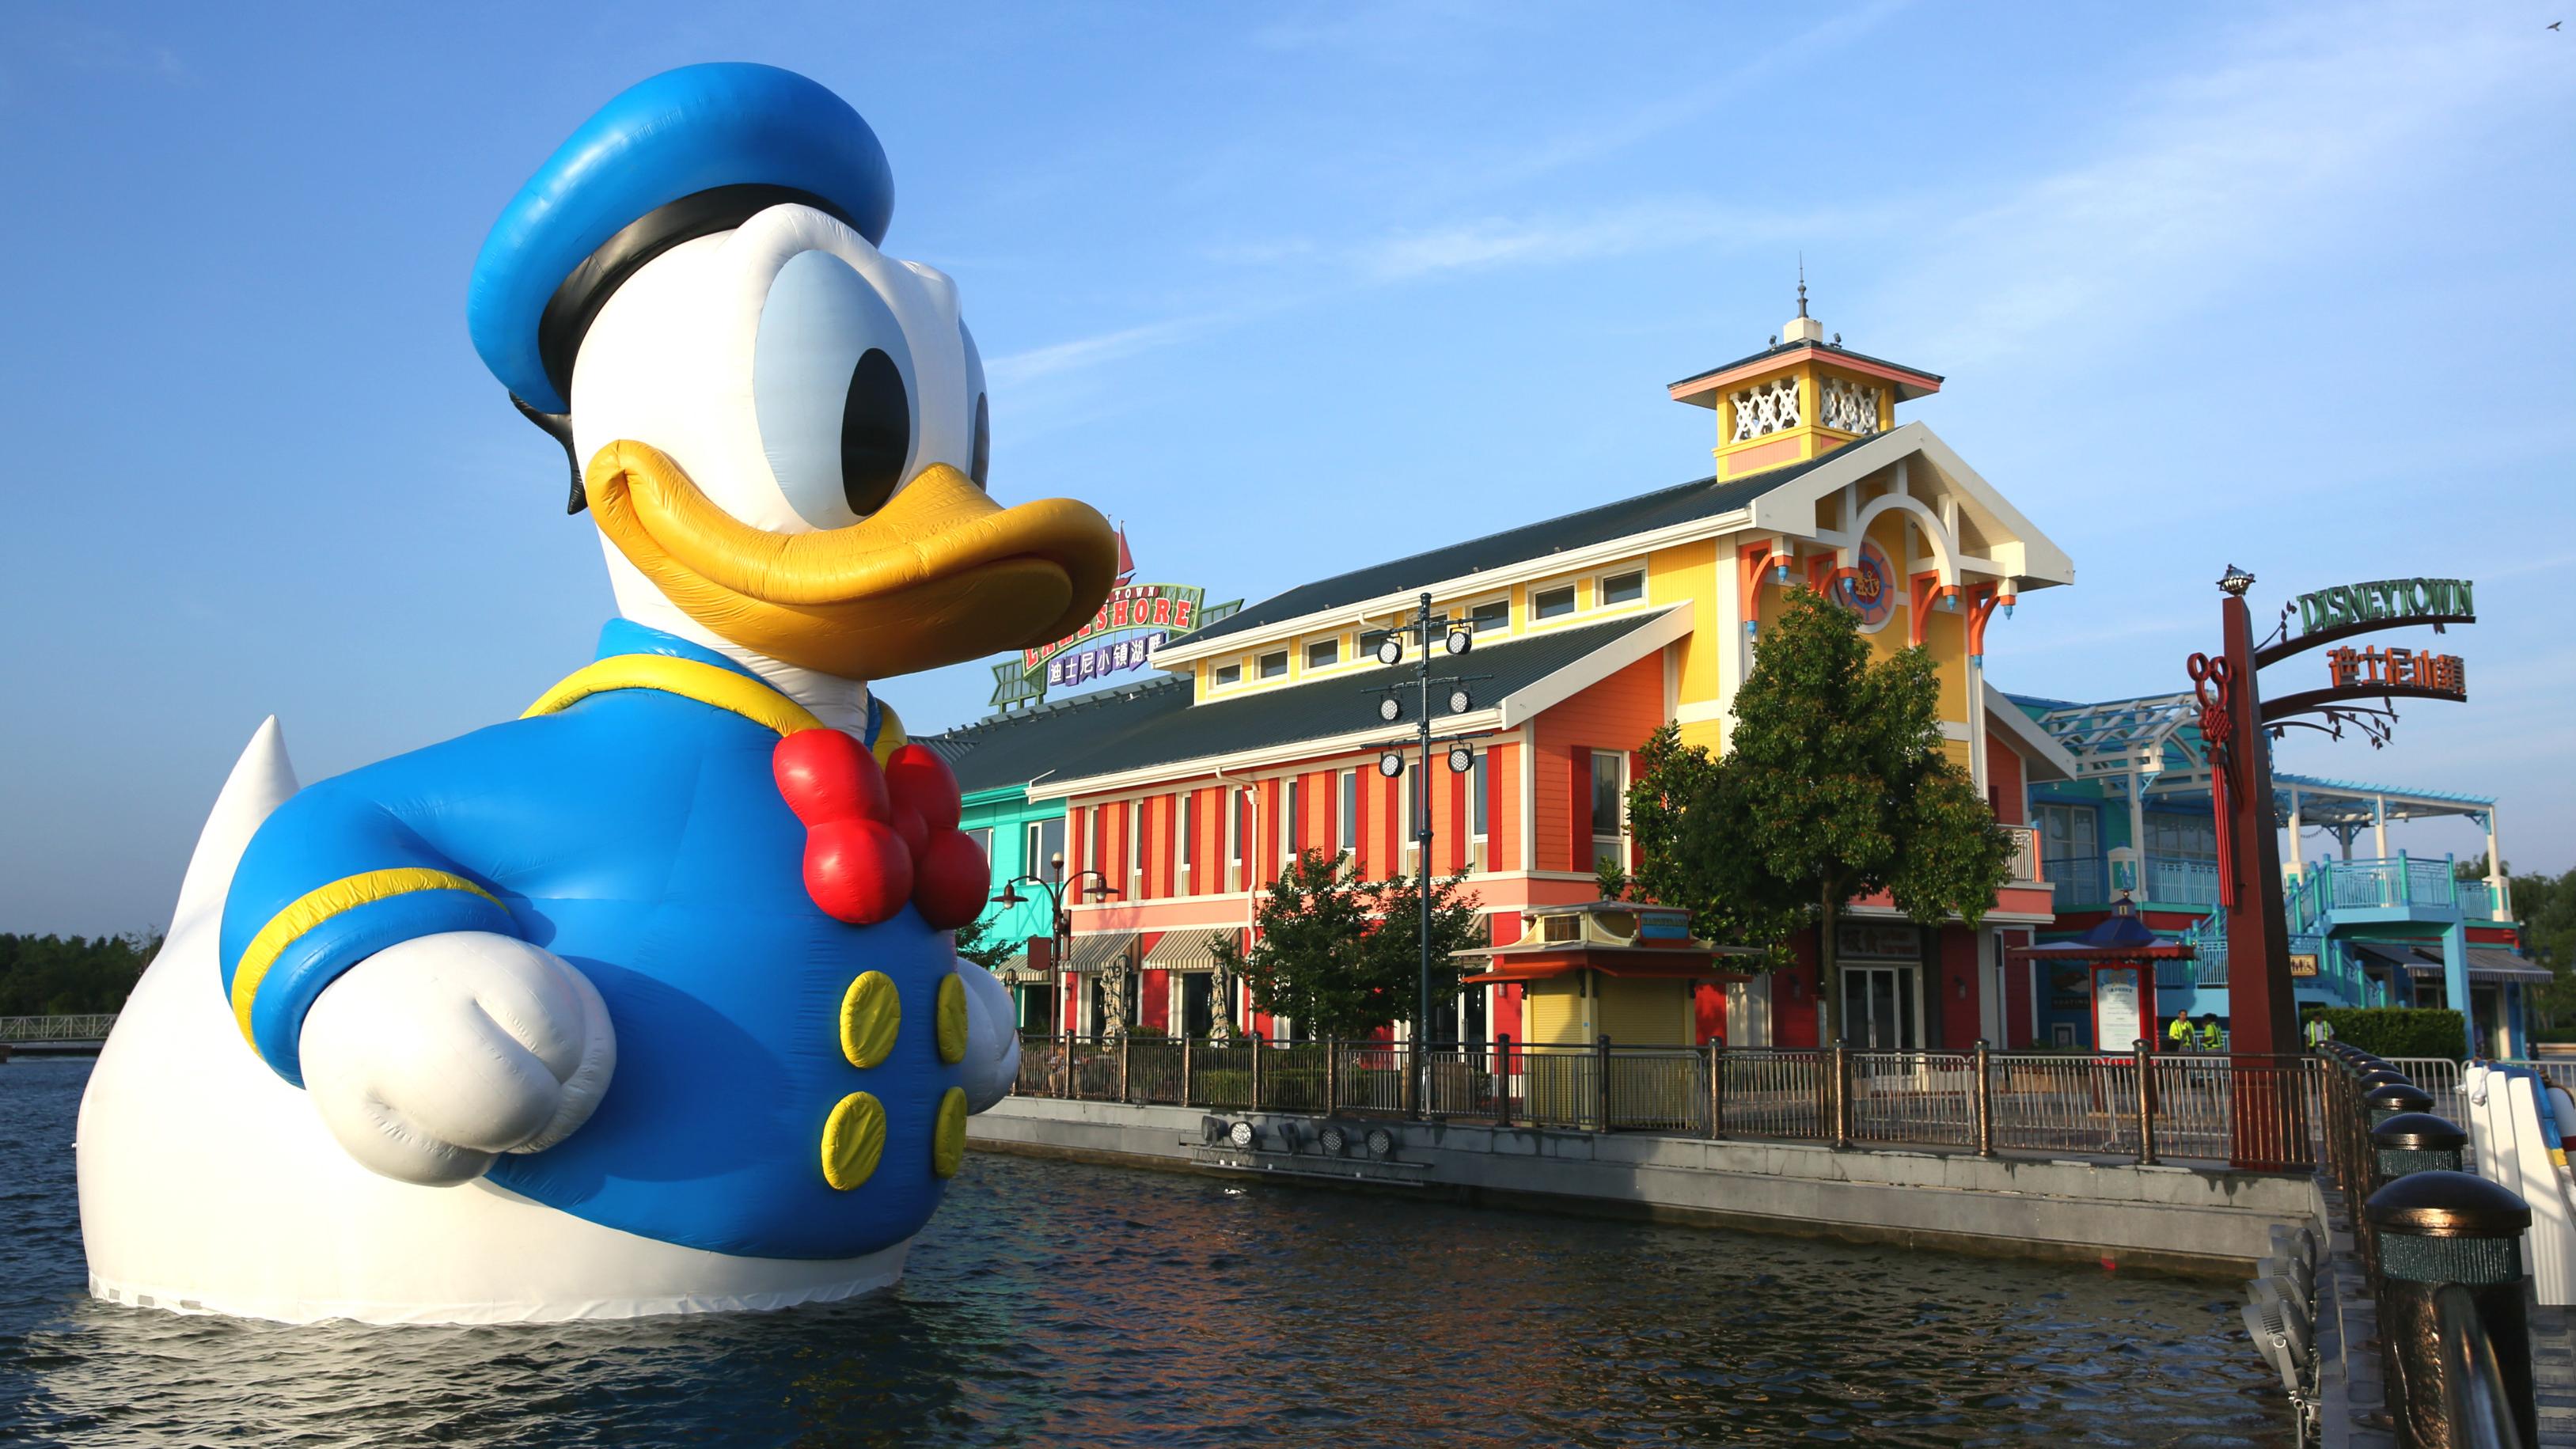 11米高巨型唐老鸭惊现上海迪士尼星愿湖 无需买票就能免费合影